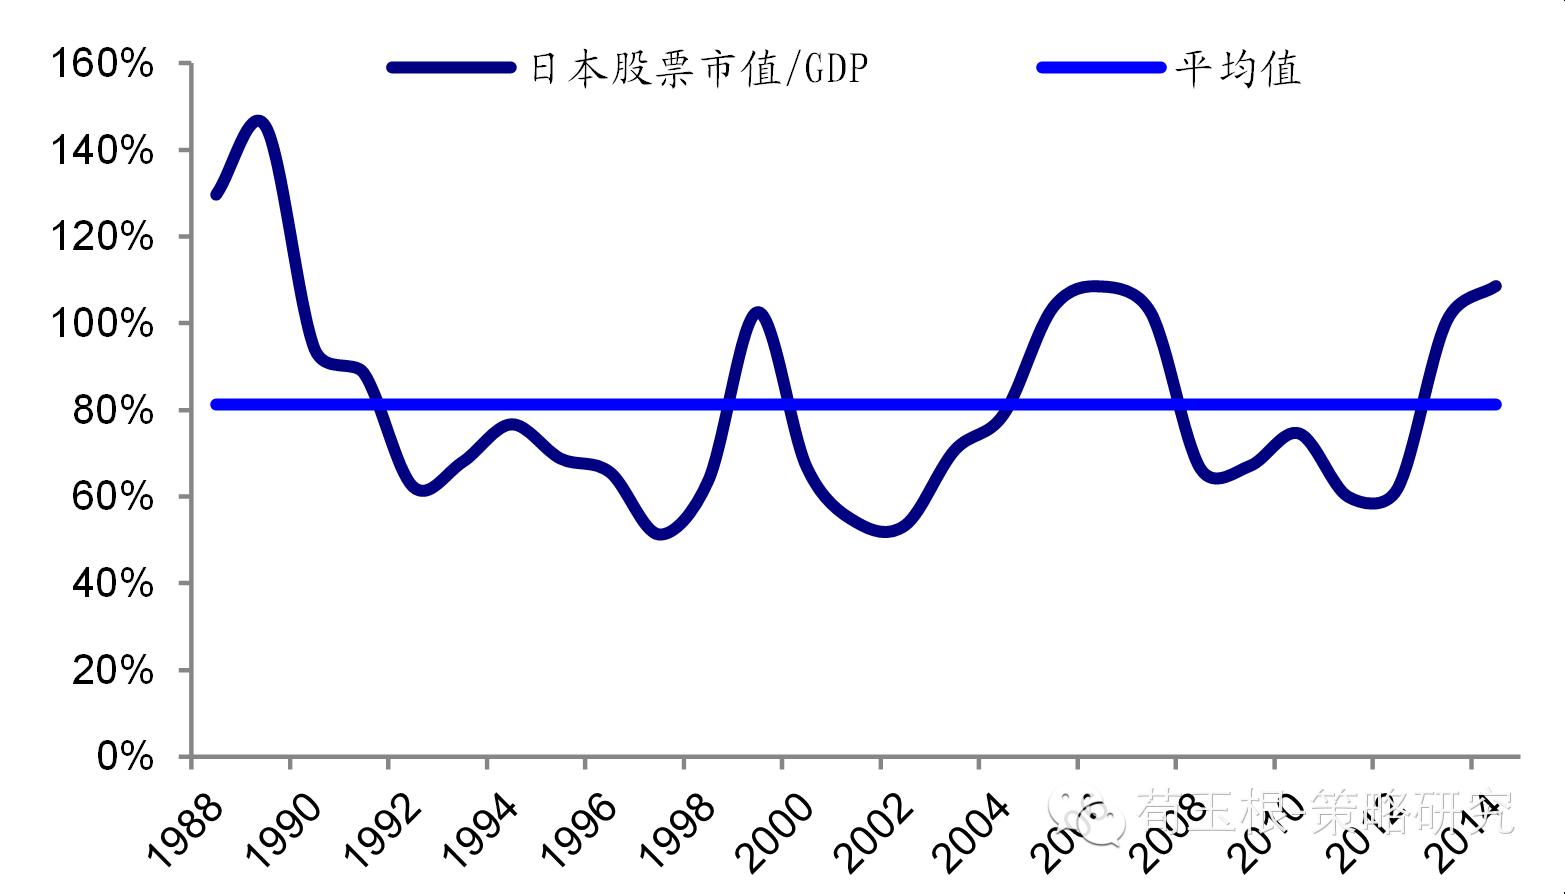 台湾90年gdp_台湾gdp